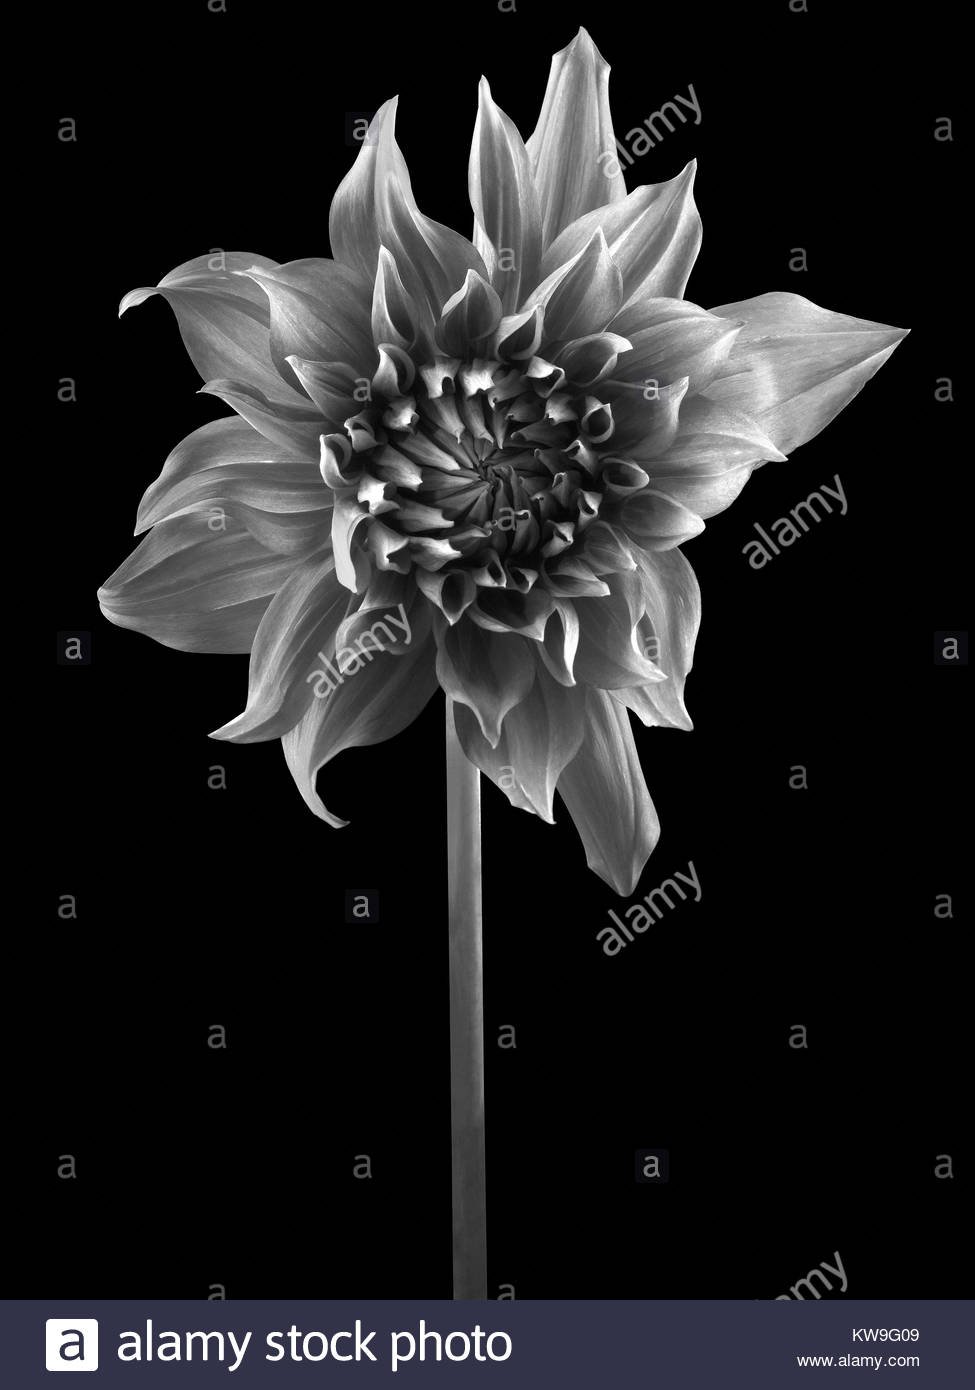 Dahlia flower black and white stock photos images alamy dahlia flower photographed on black background stock image izmirmasajfo